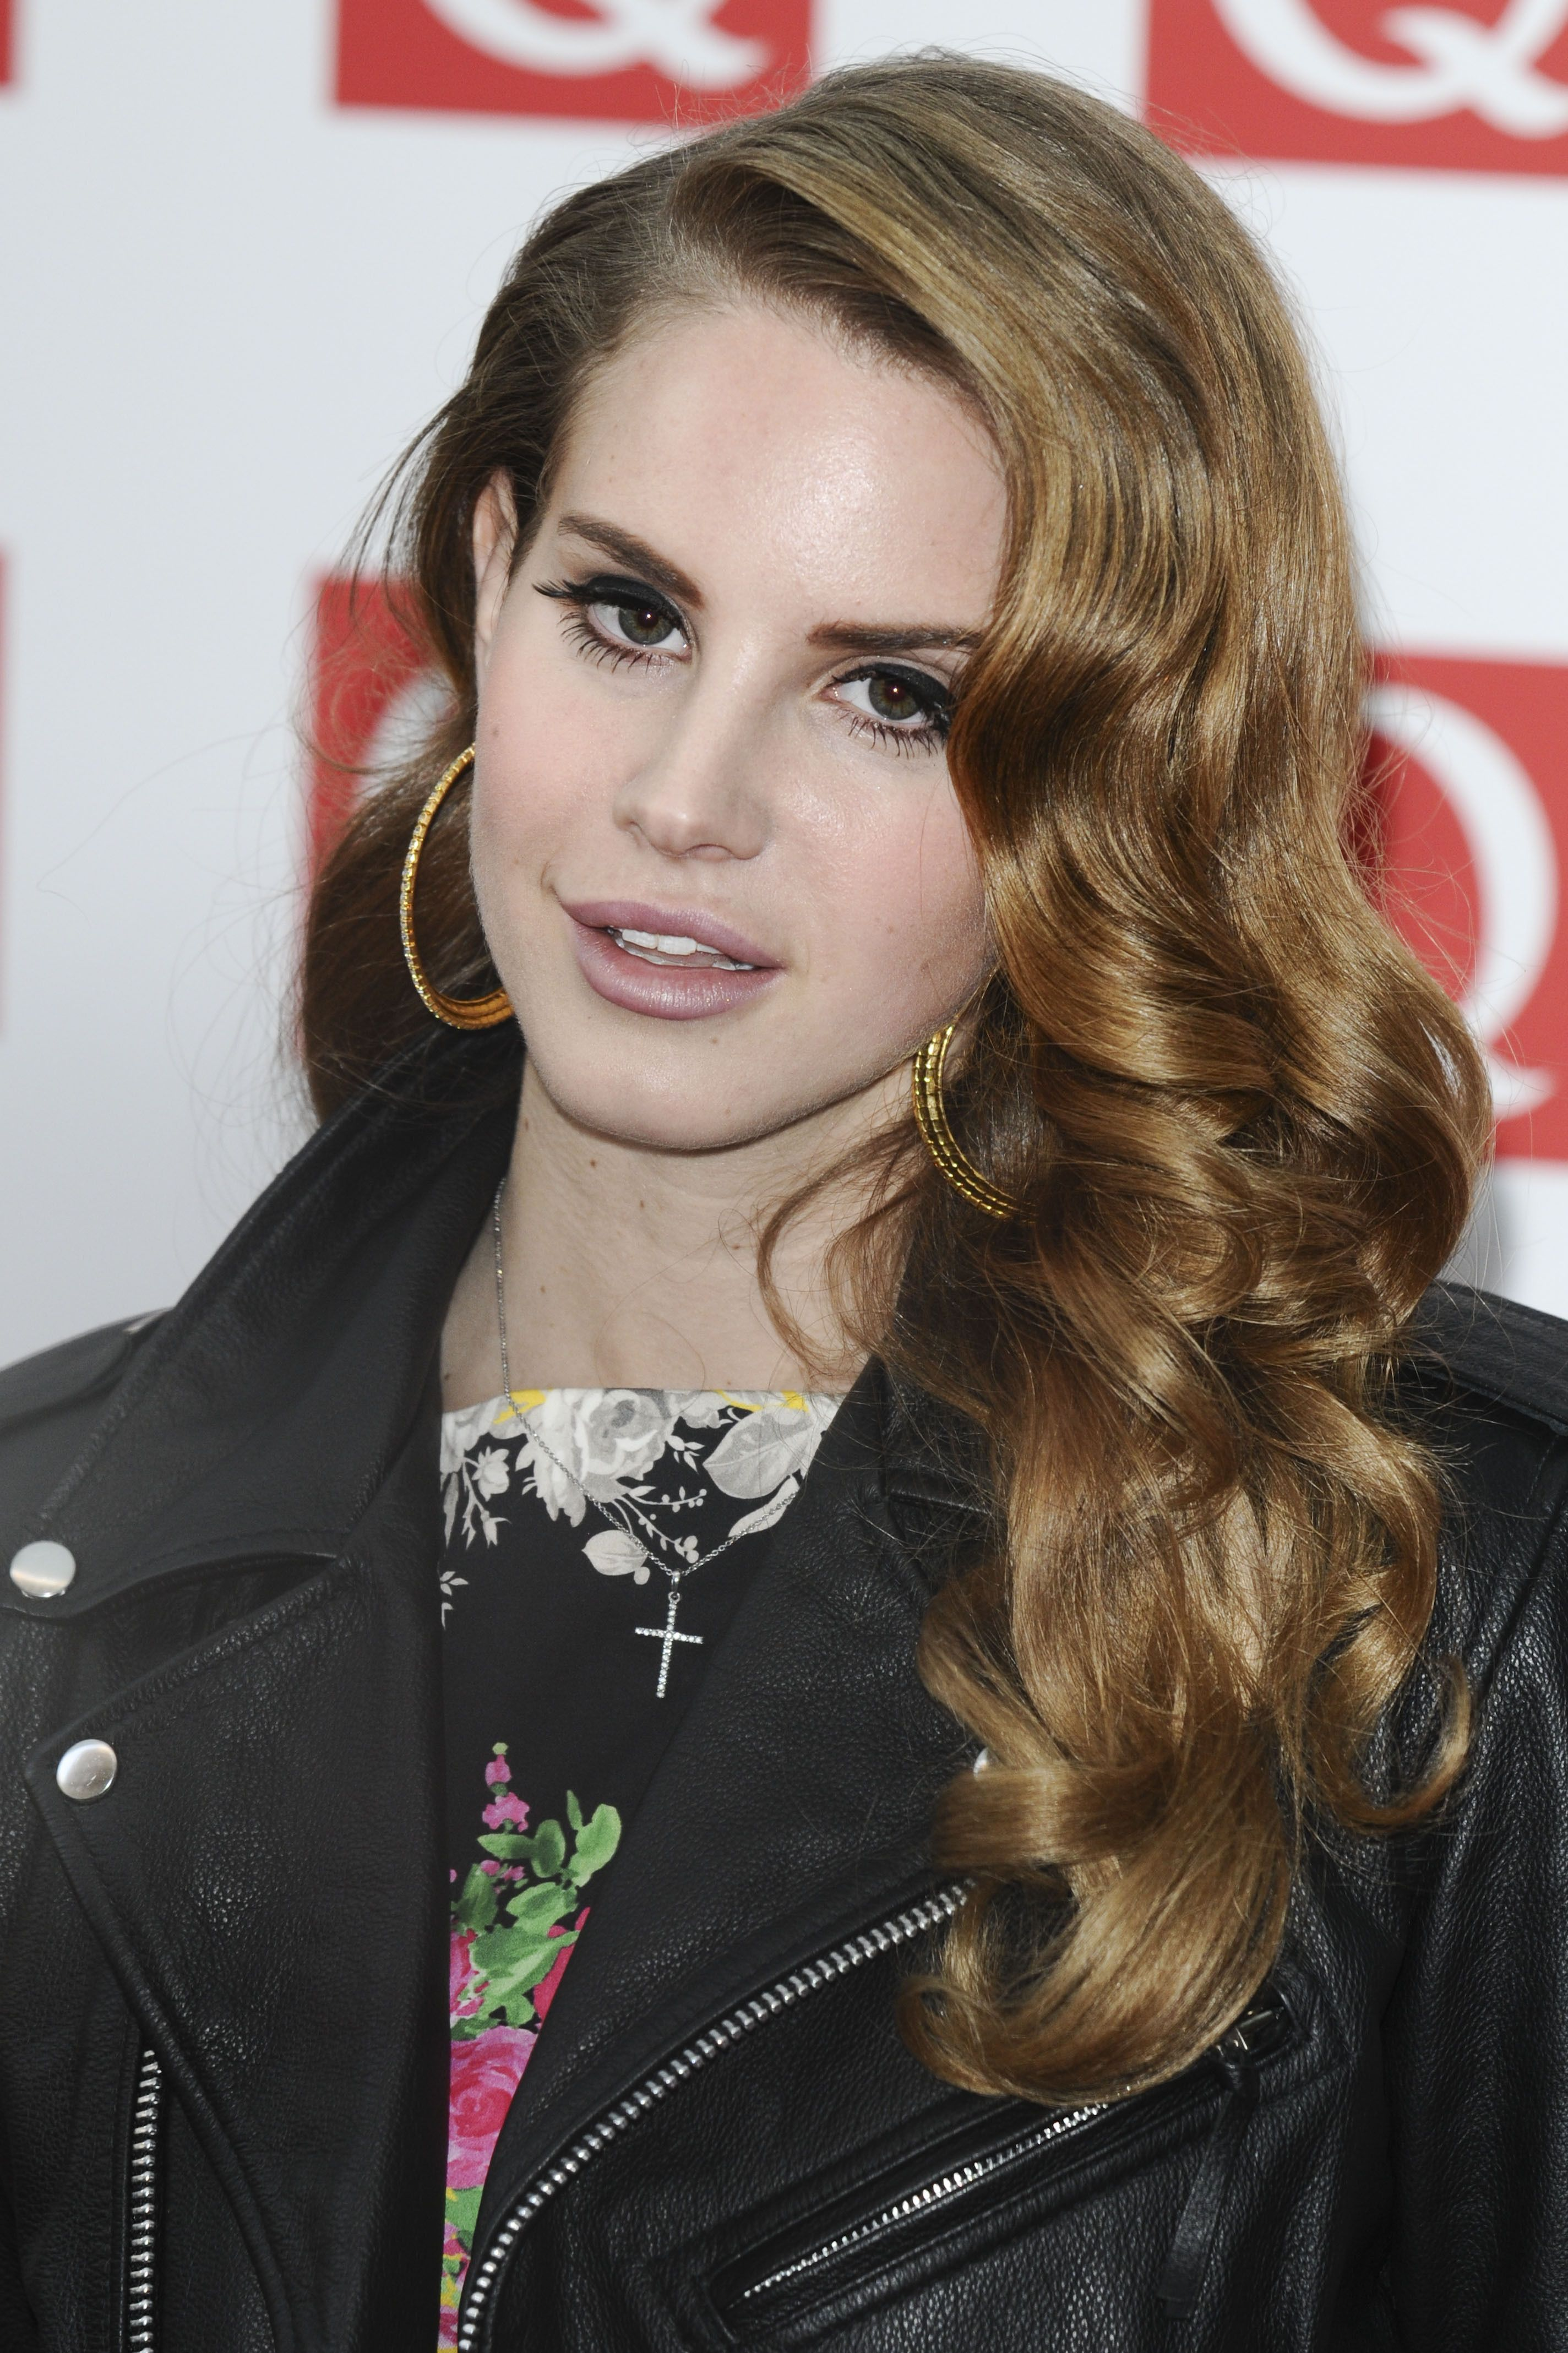 10. Lana Del Rey